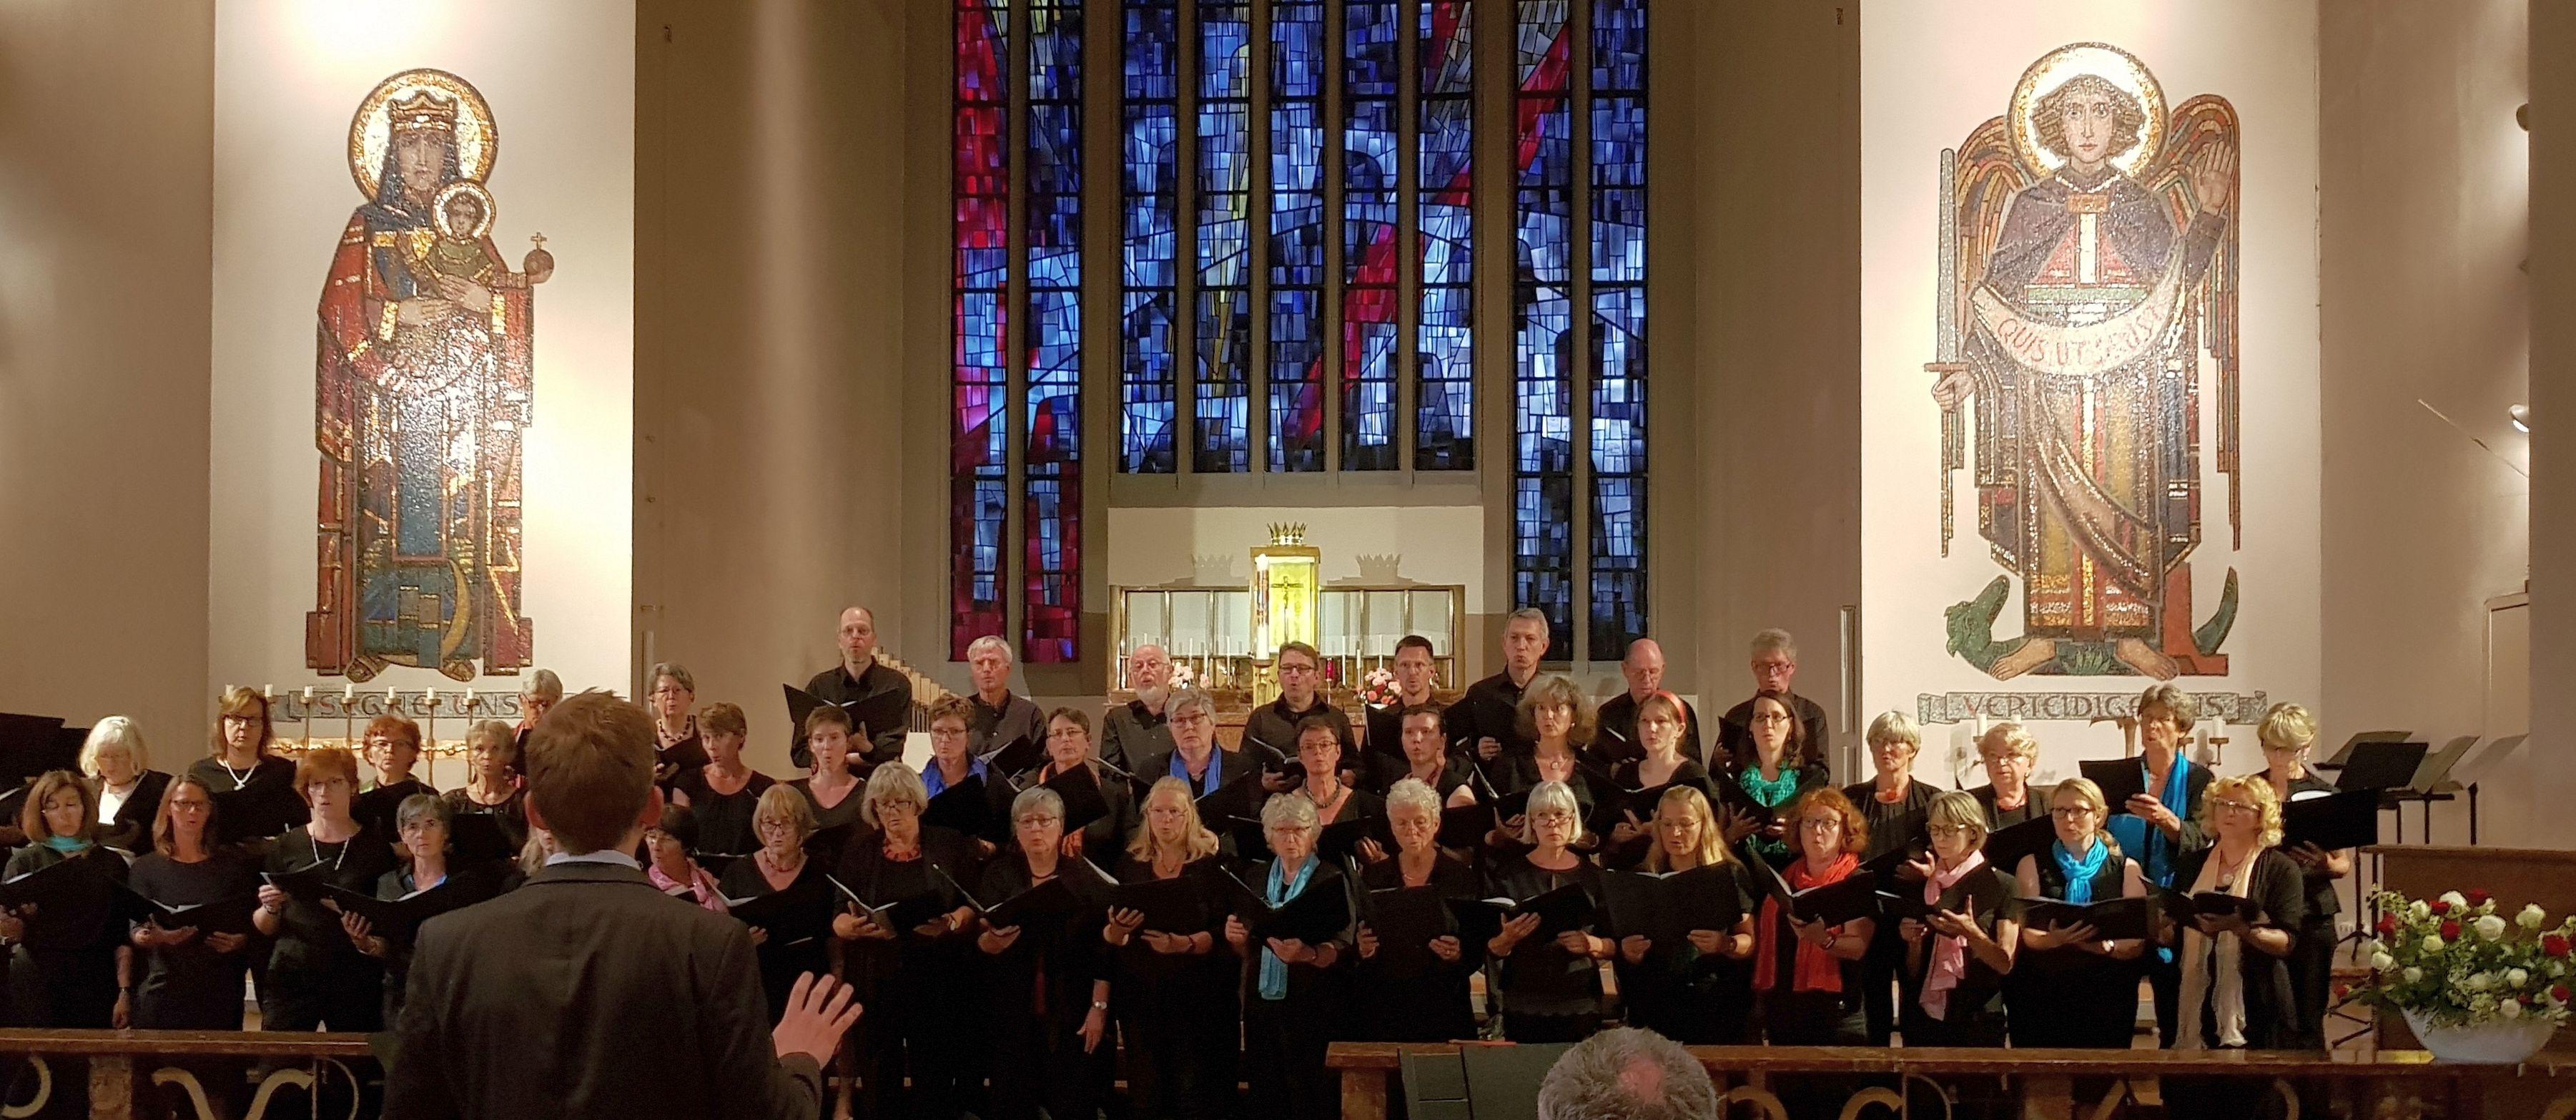 Chor an der Erlöserkirche